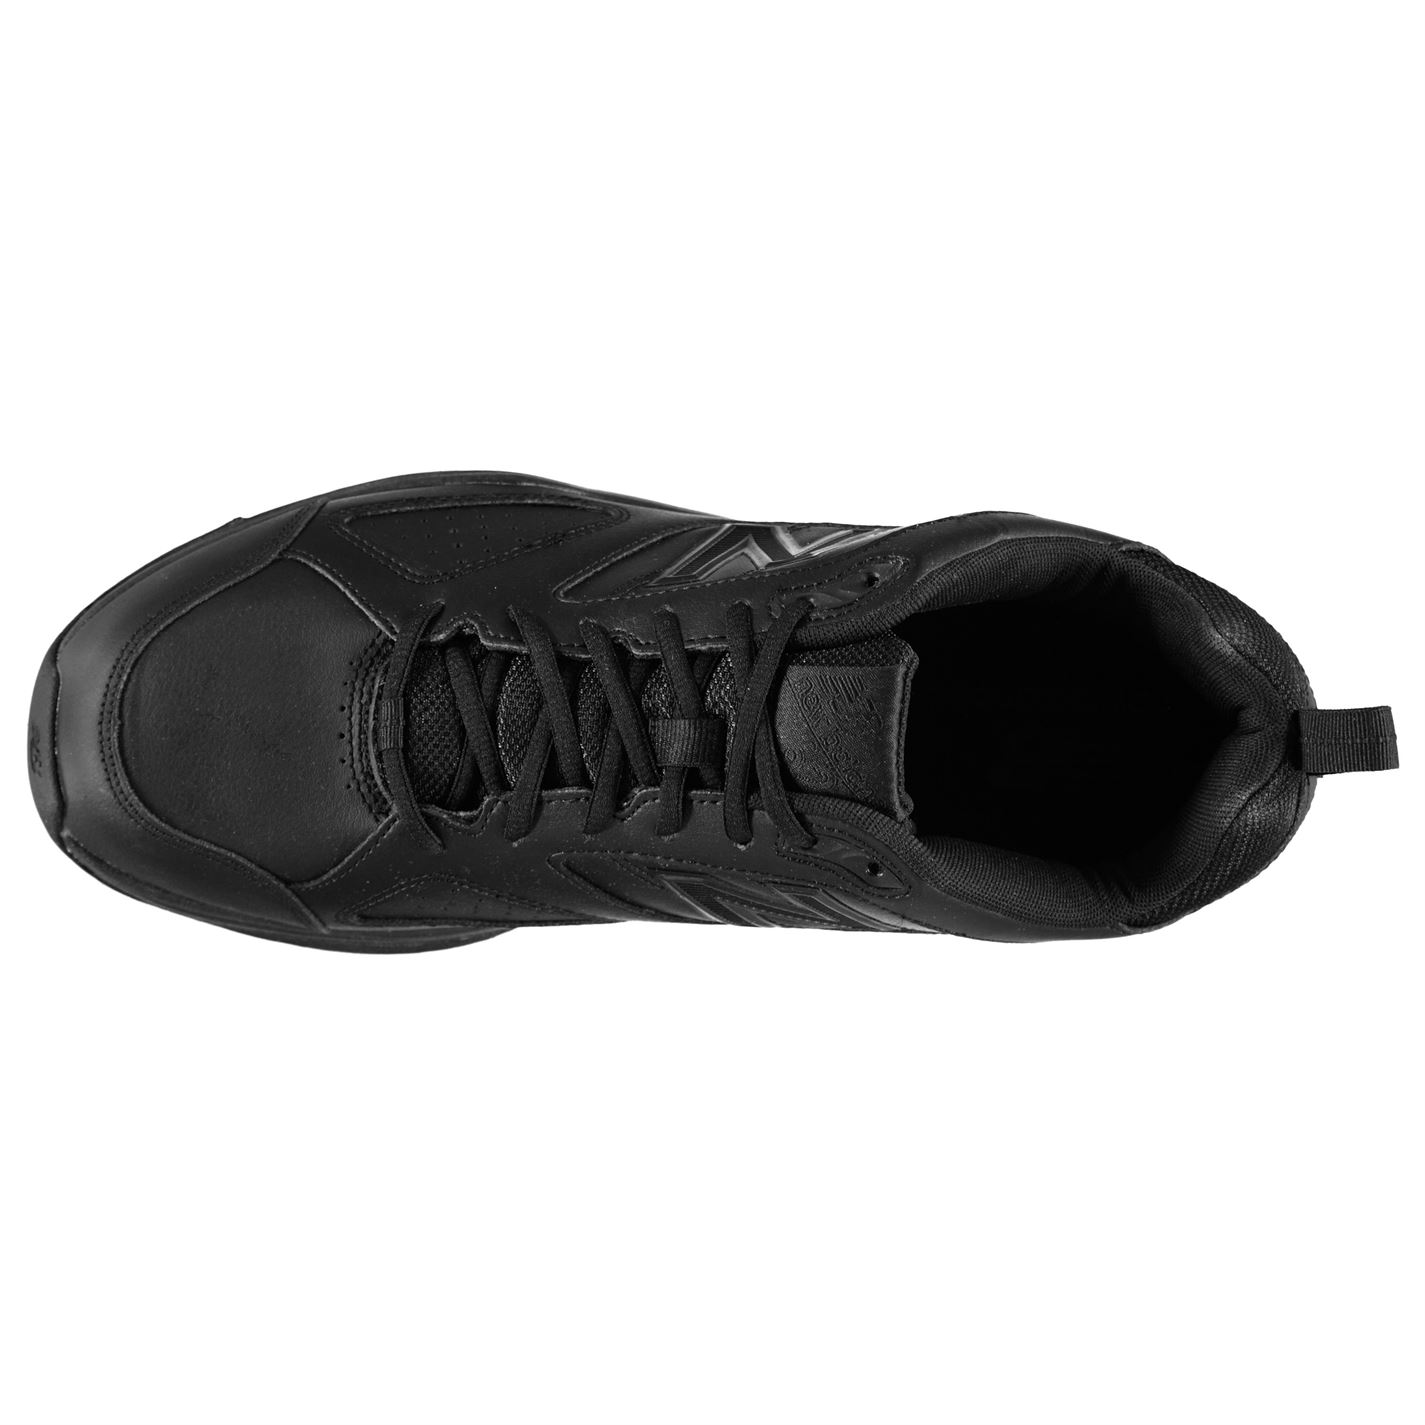 New-Balance-Zapatillas-para-hombre-interior-624x4-Road-Running-Zapatos-Con-Cordones-Transpirable miniatura 8